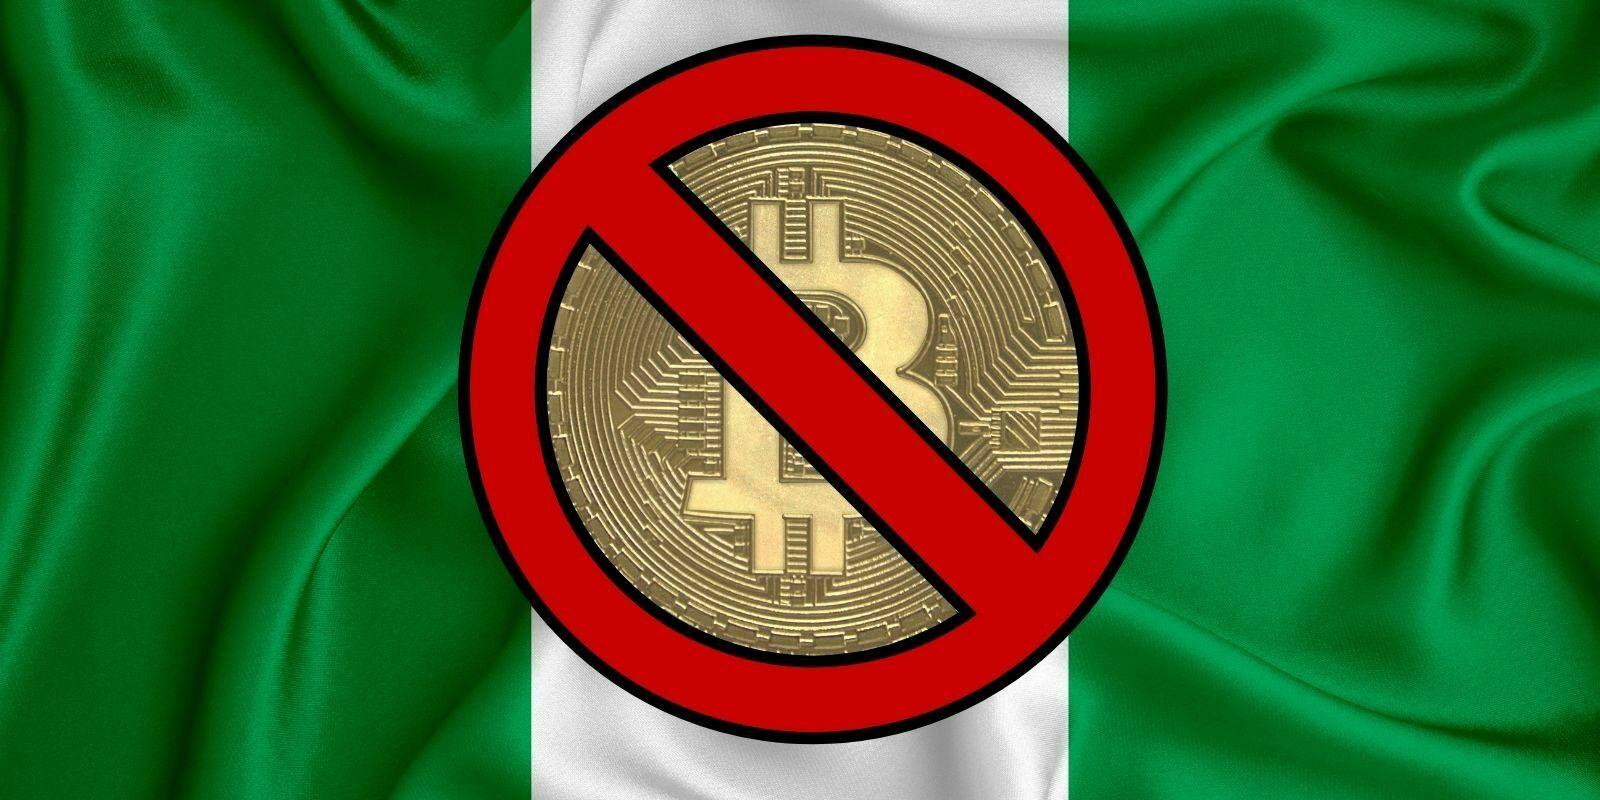 La Banque centrale du Nigeria prend des mesures drastiques contre le Bitcoin (BTC) et les cryptomonnaies